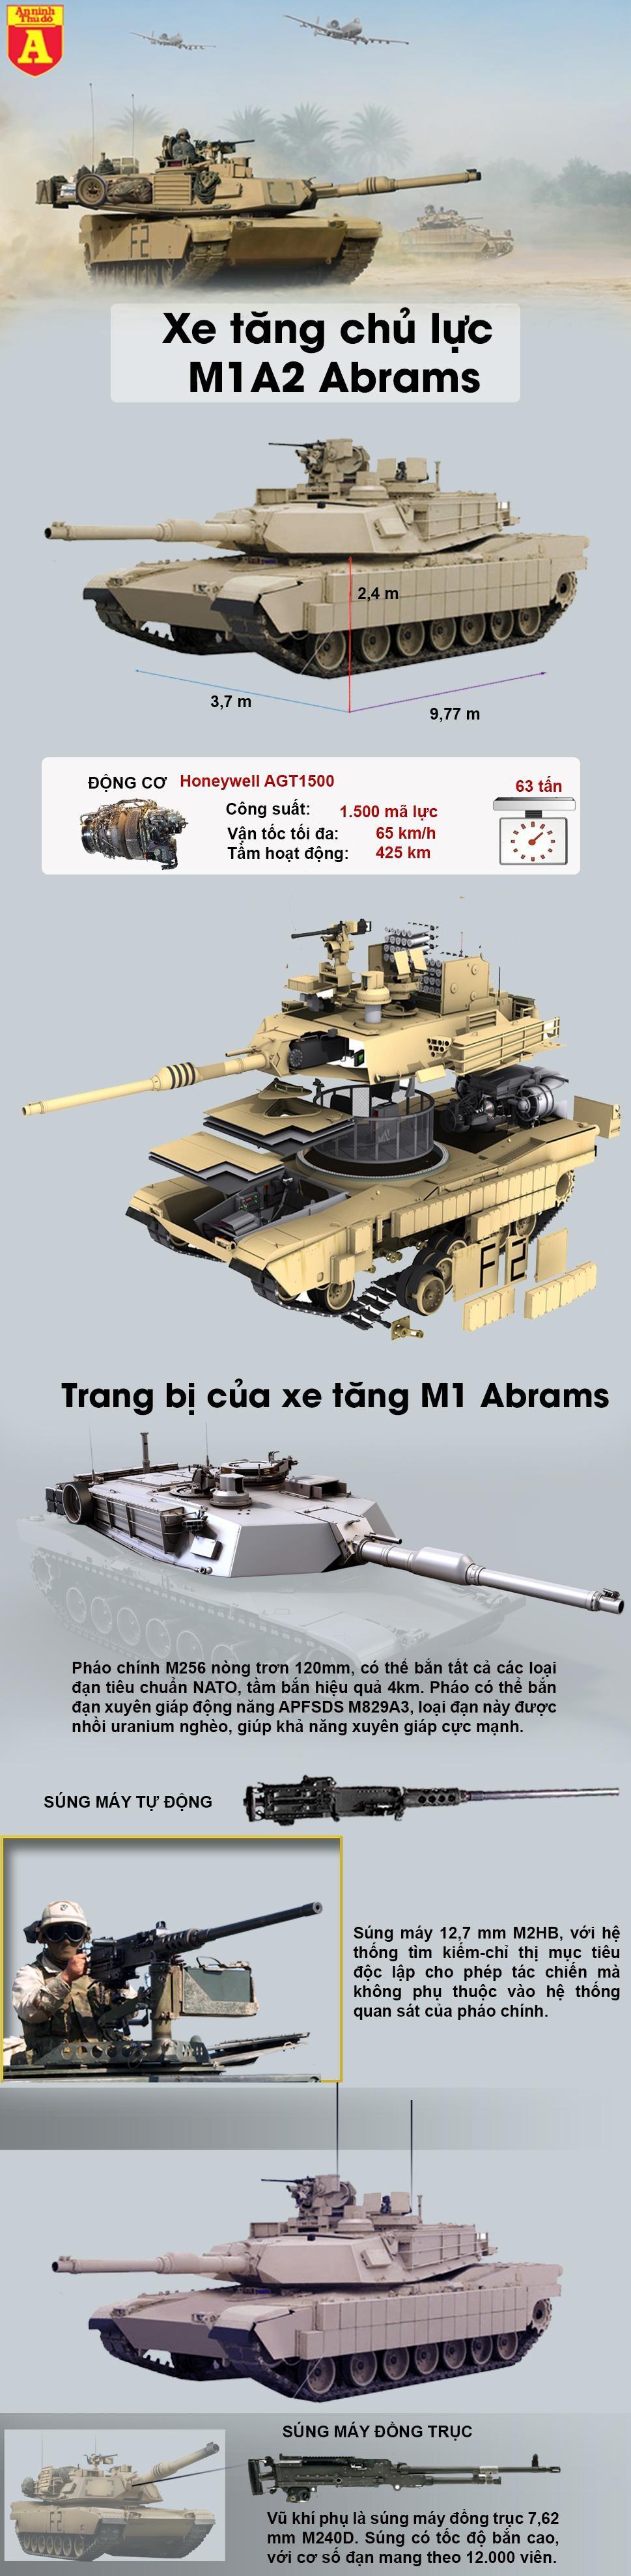 [Info] Thủy quân lục chiến Mỹ quyết định loại biên toàn bộ xe tăng M1A2 Abrams ảnh 2